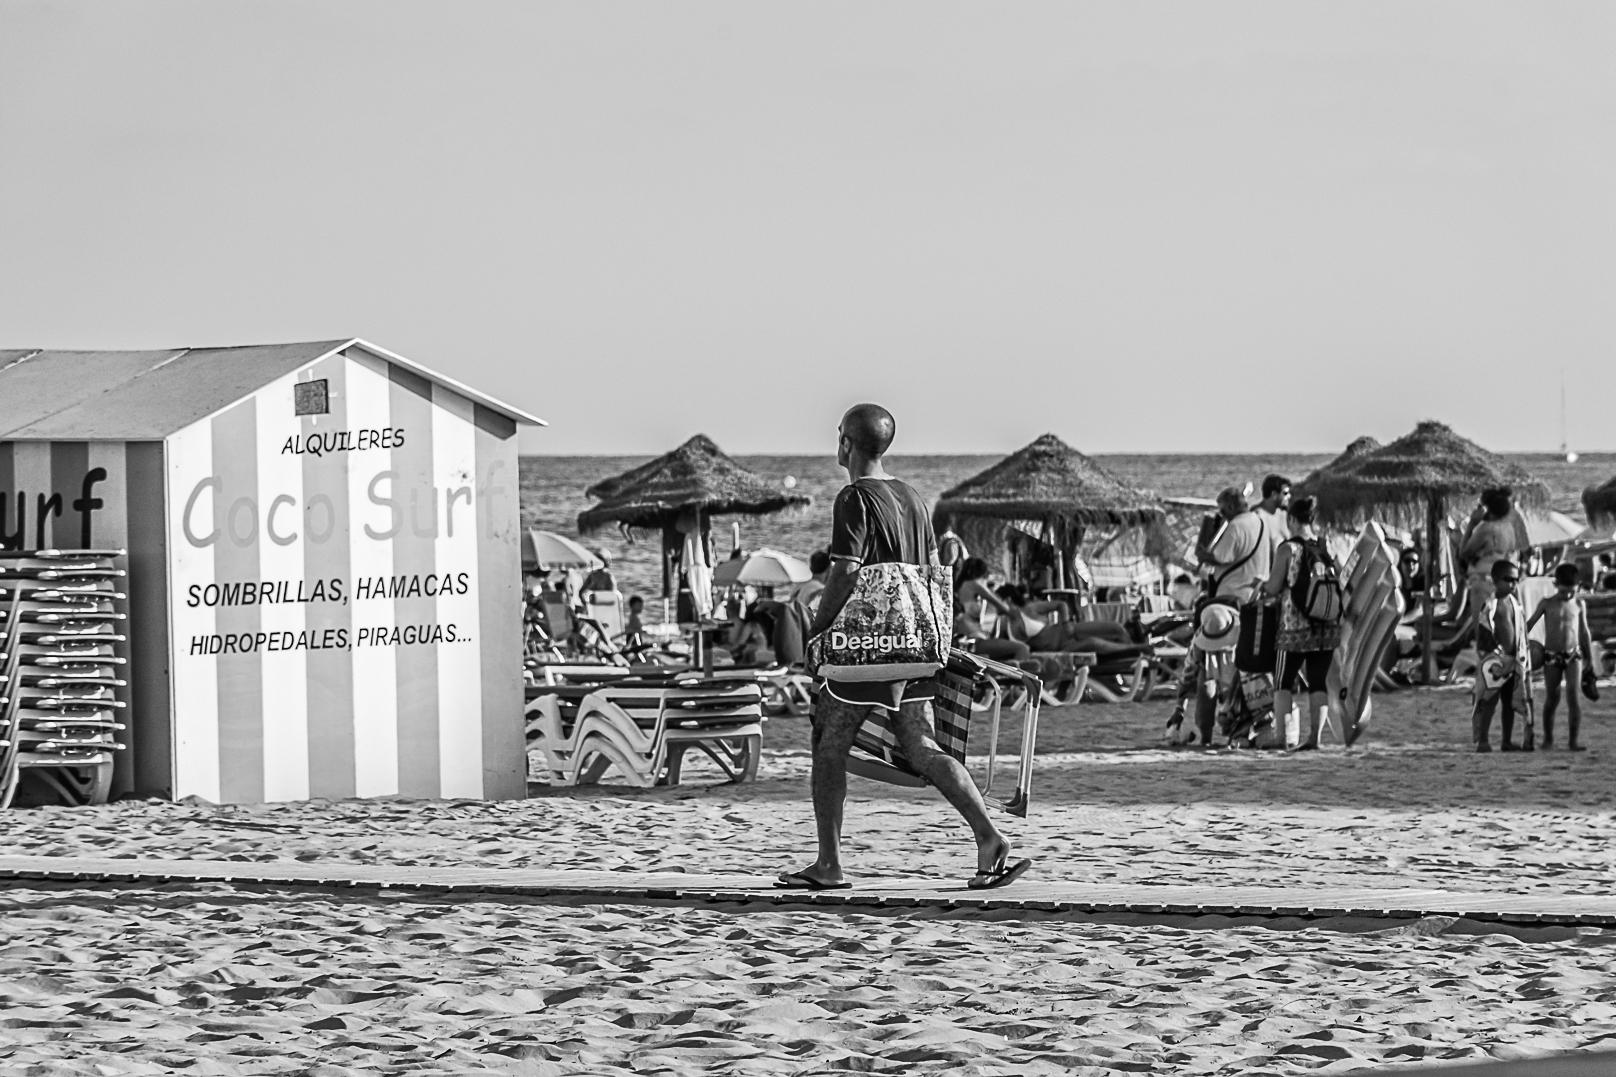 MEDITERRÁNEO 53.  CAMINO. Playa de la Concha, Oropesa del Mar